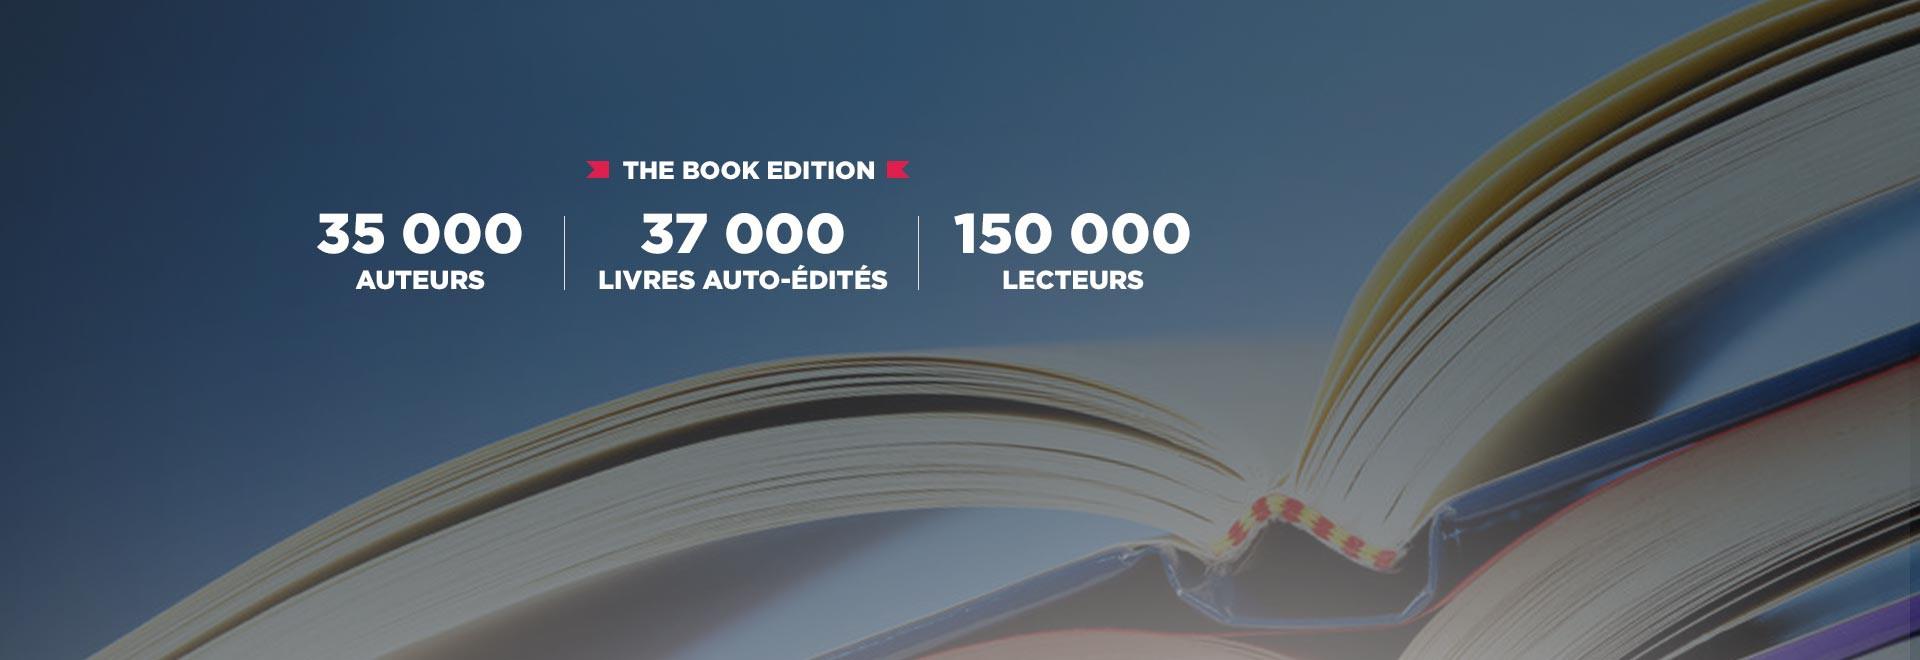 Créer un livre gratuitement avec TheBookEdition